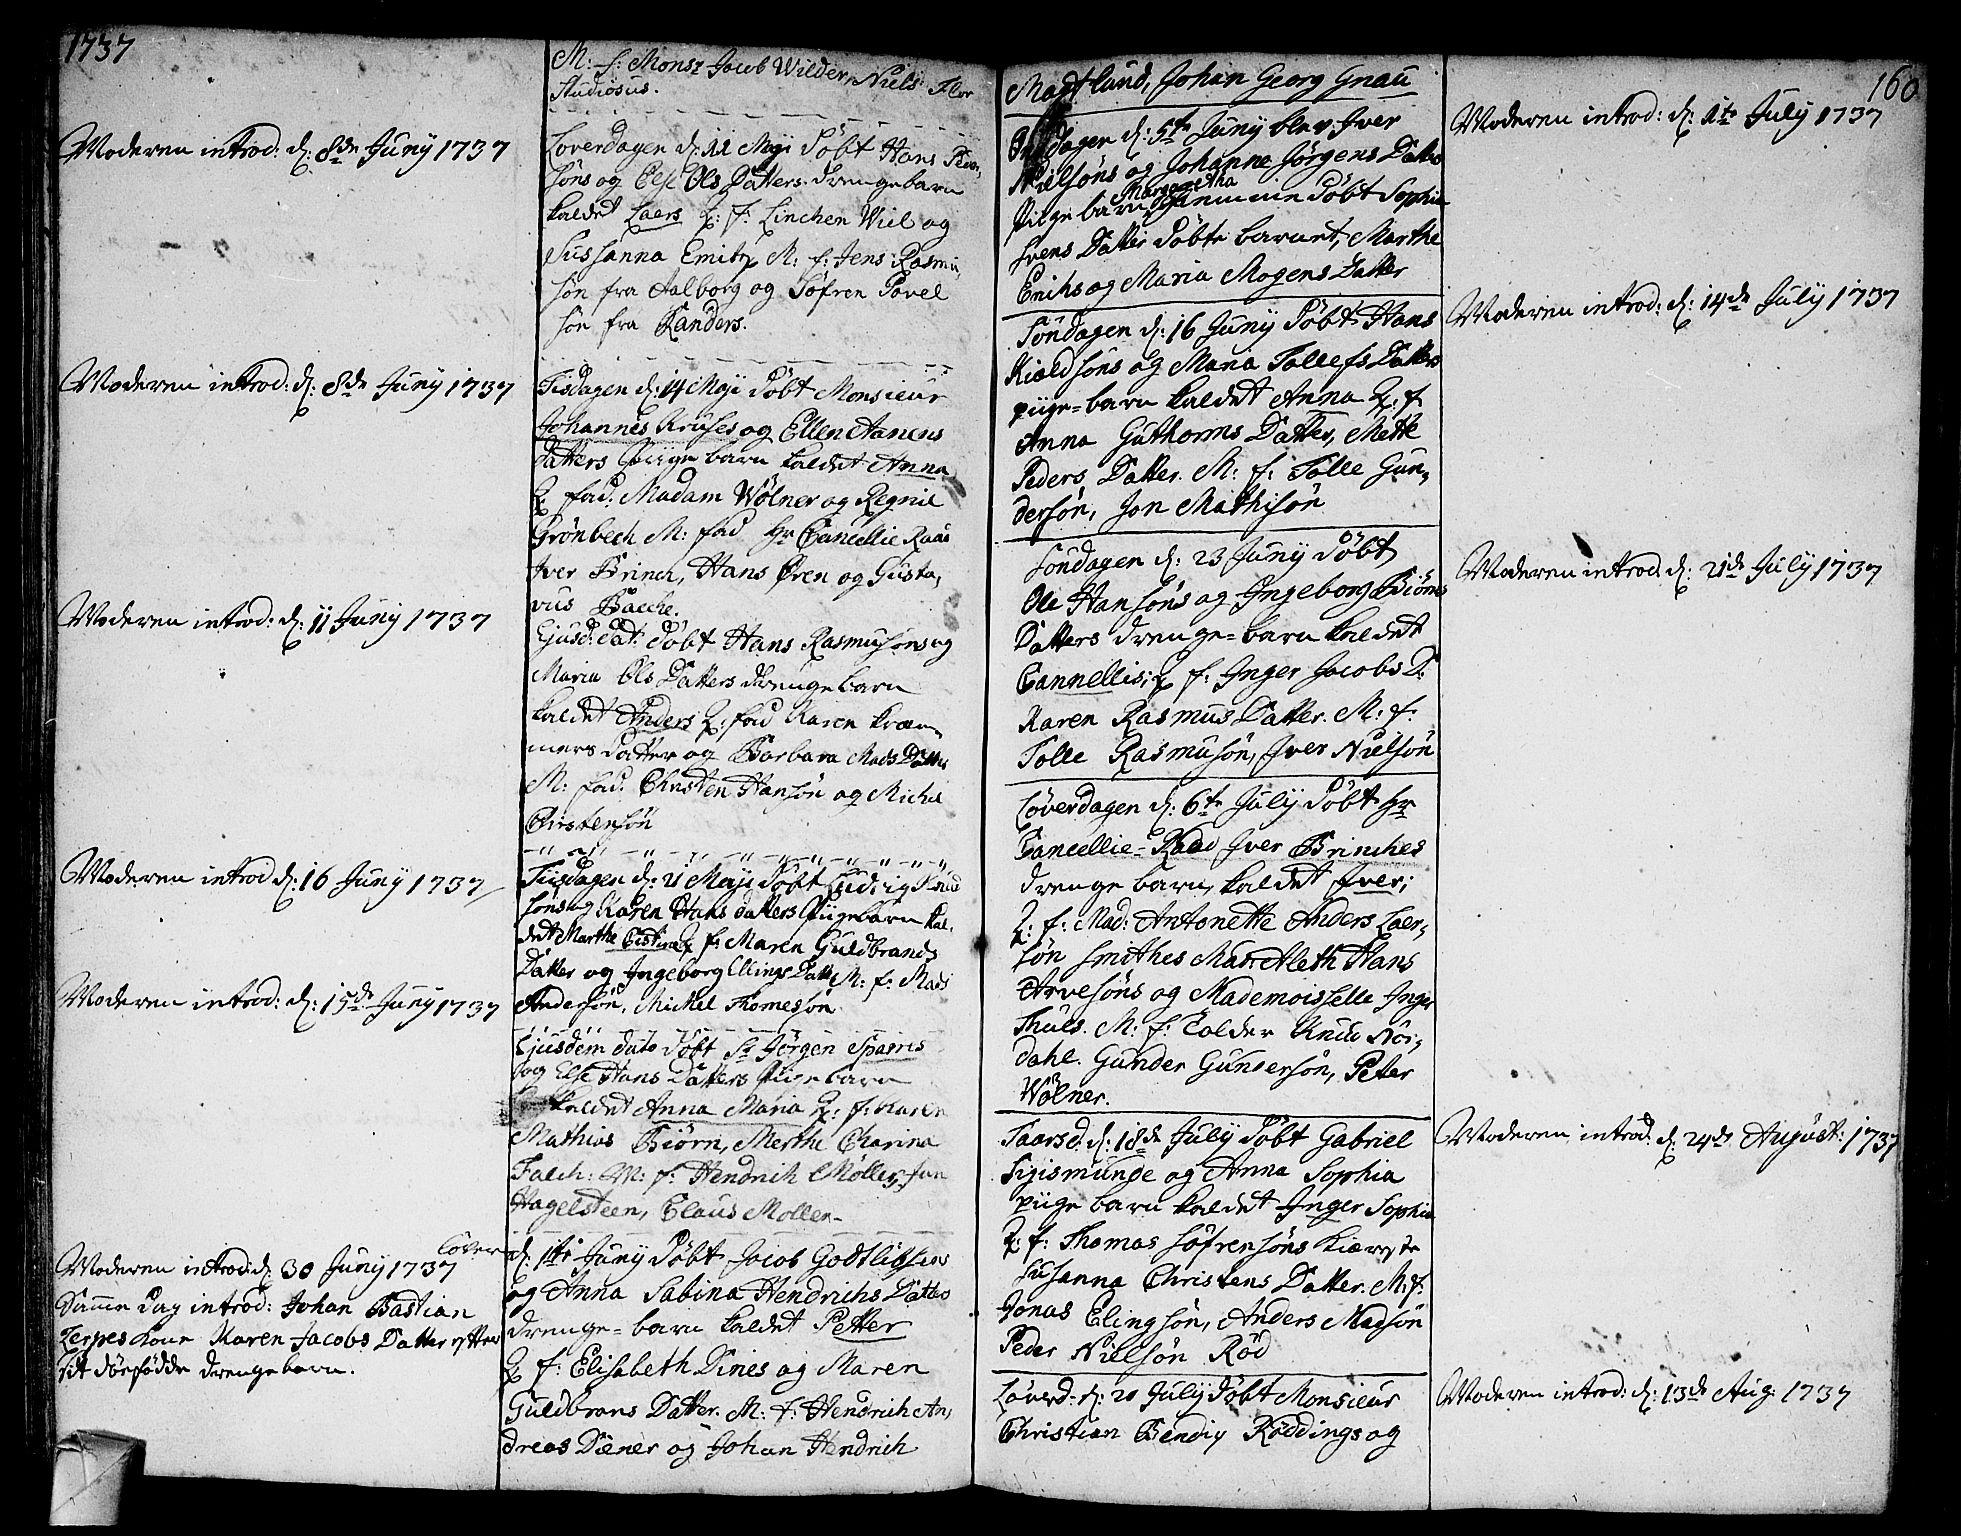 SAKO, Strømsø kirkebøker, F/Fa/L0005: Ministerialbok nr. I 5, 1734-1739, s. 160